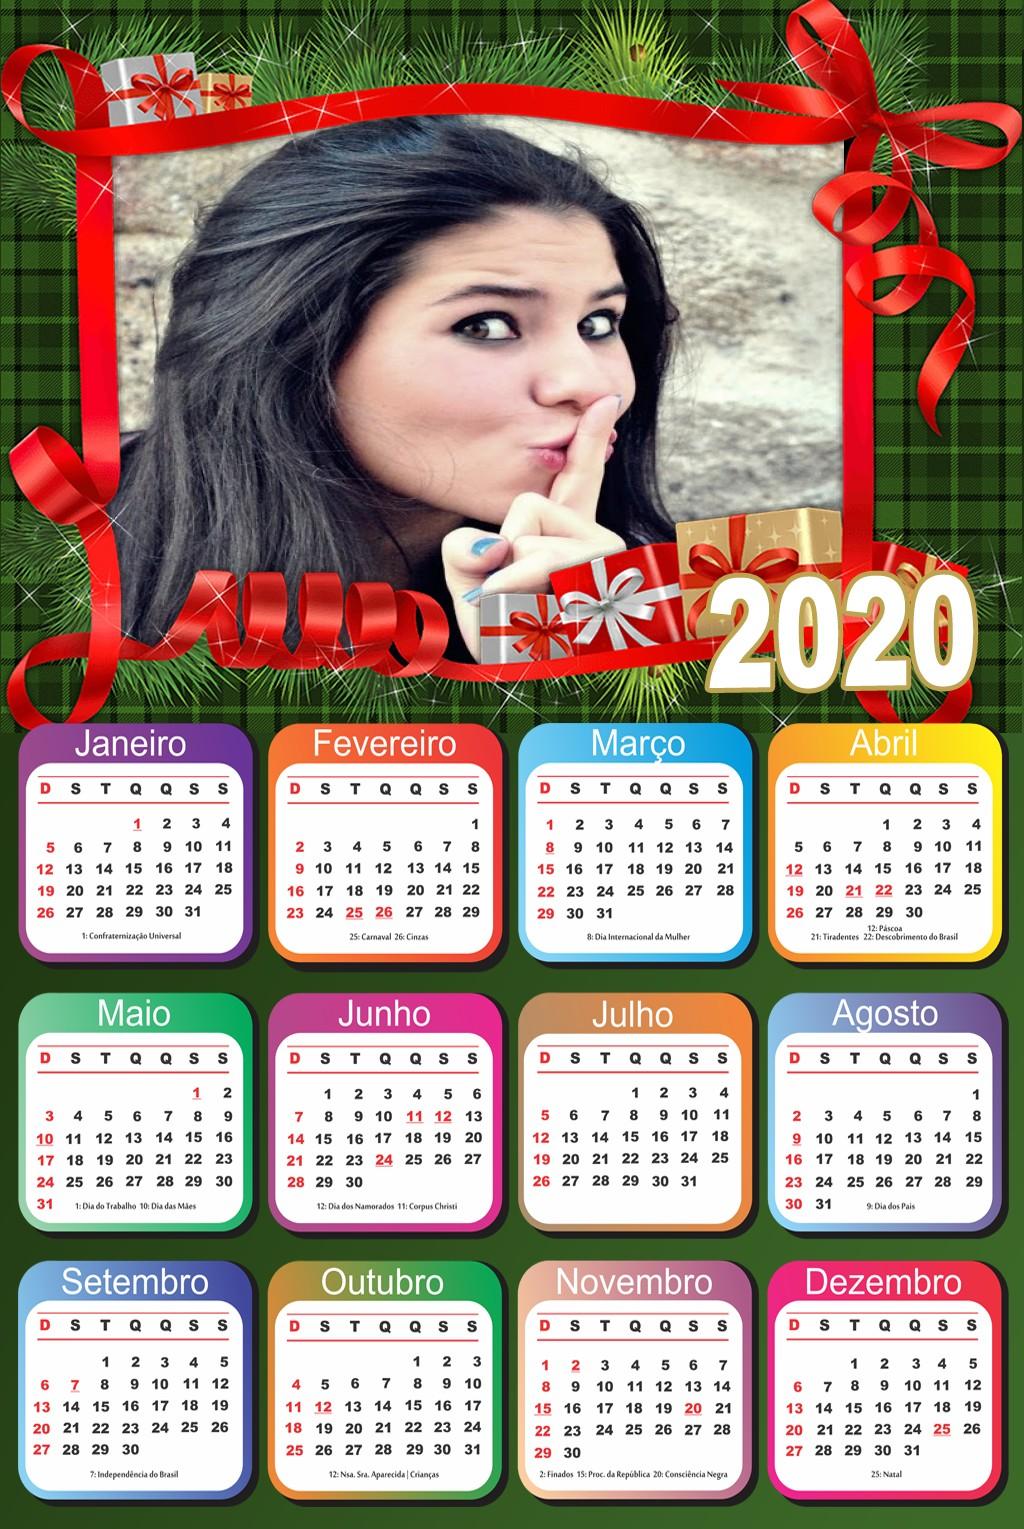 fotomontagem-calendario-2020-de-festas-de-natal